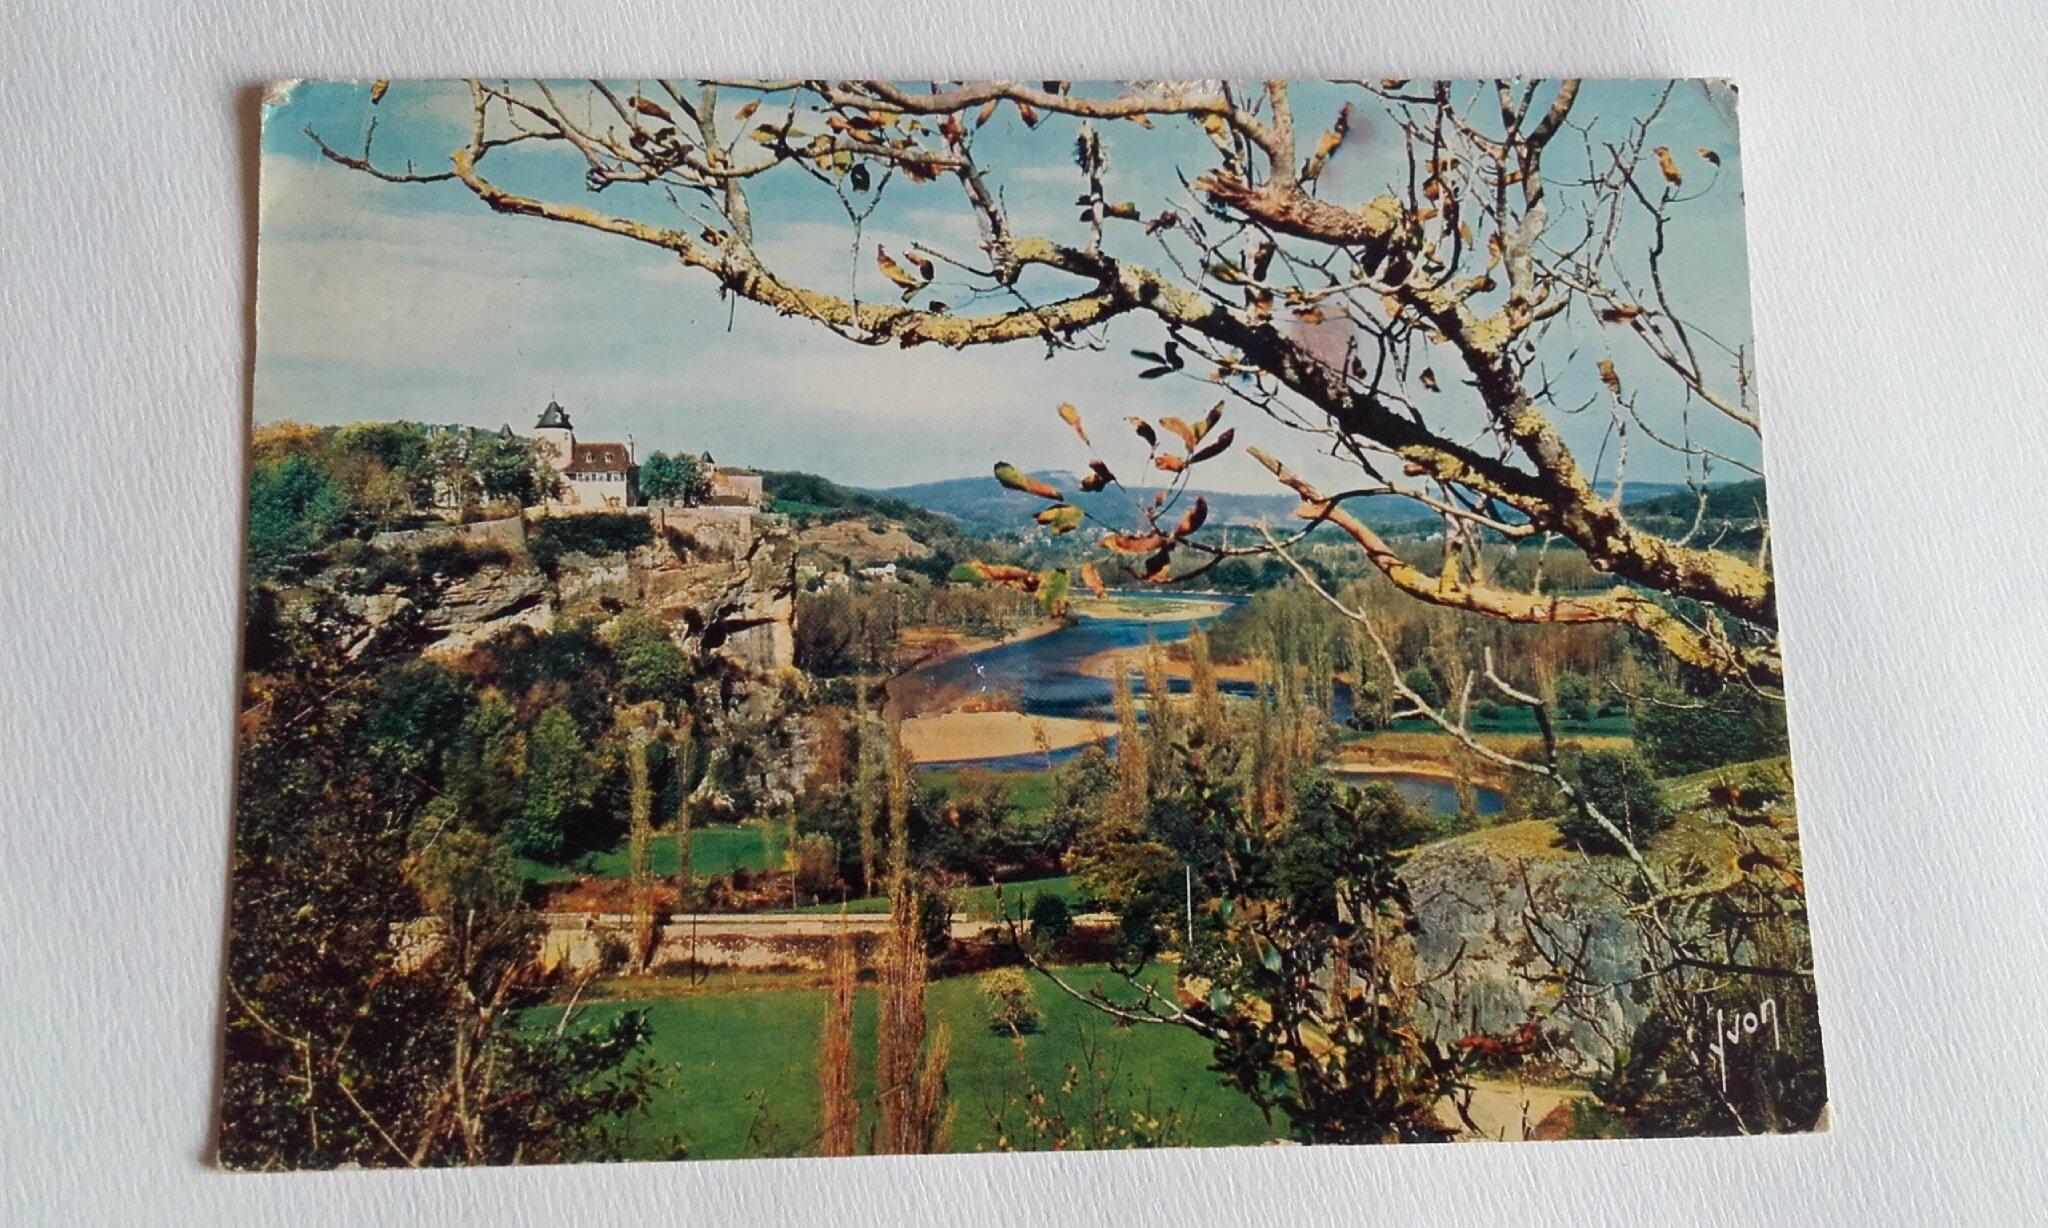 Belcastel le chateau datée 1970